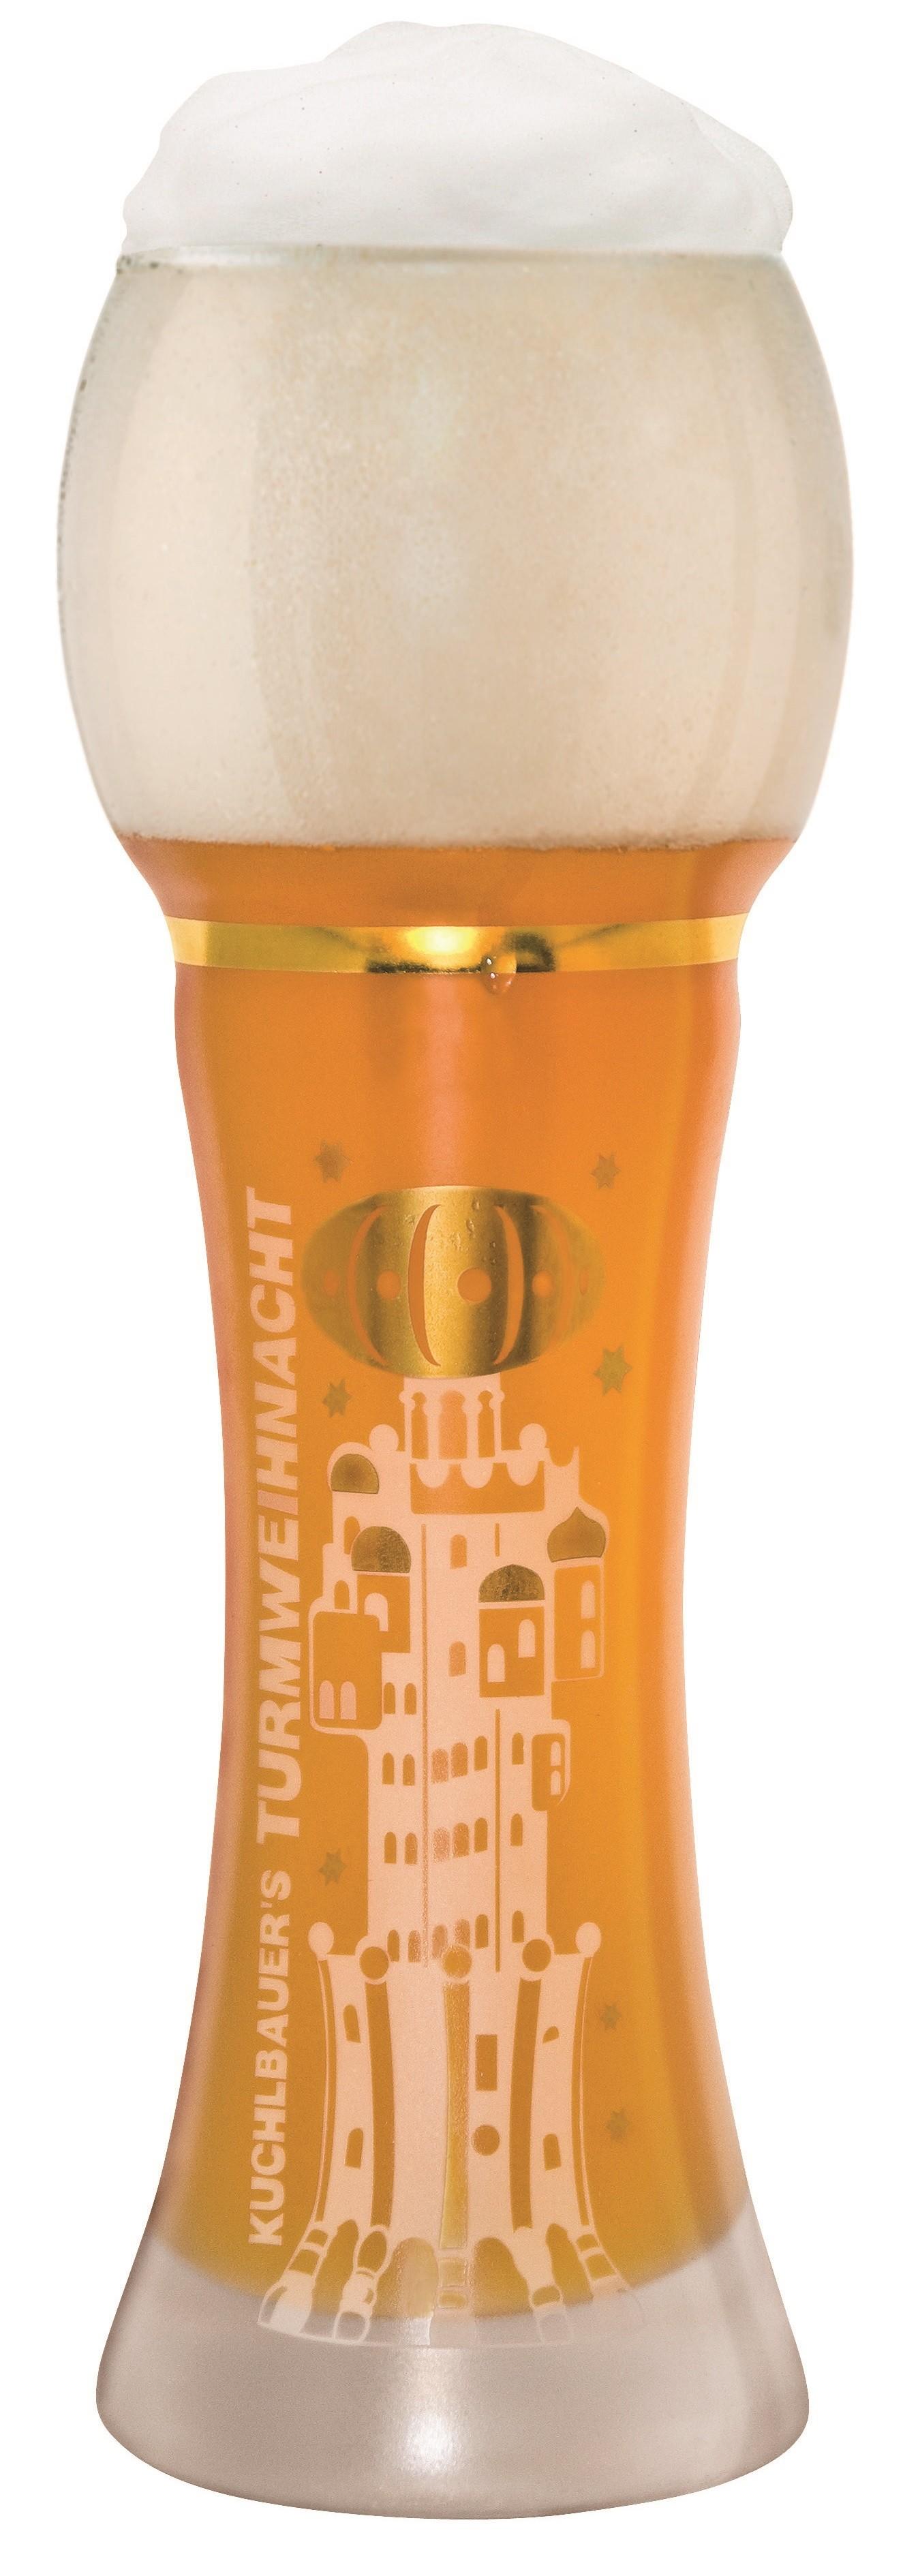 Kuchlbauer - Original Weihnachts-Turm-Design Glas